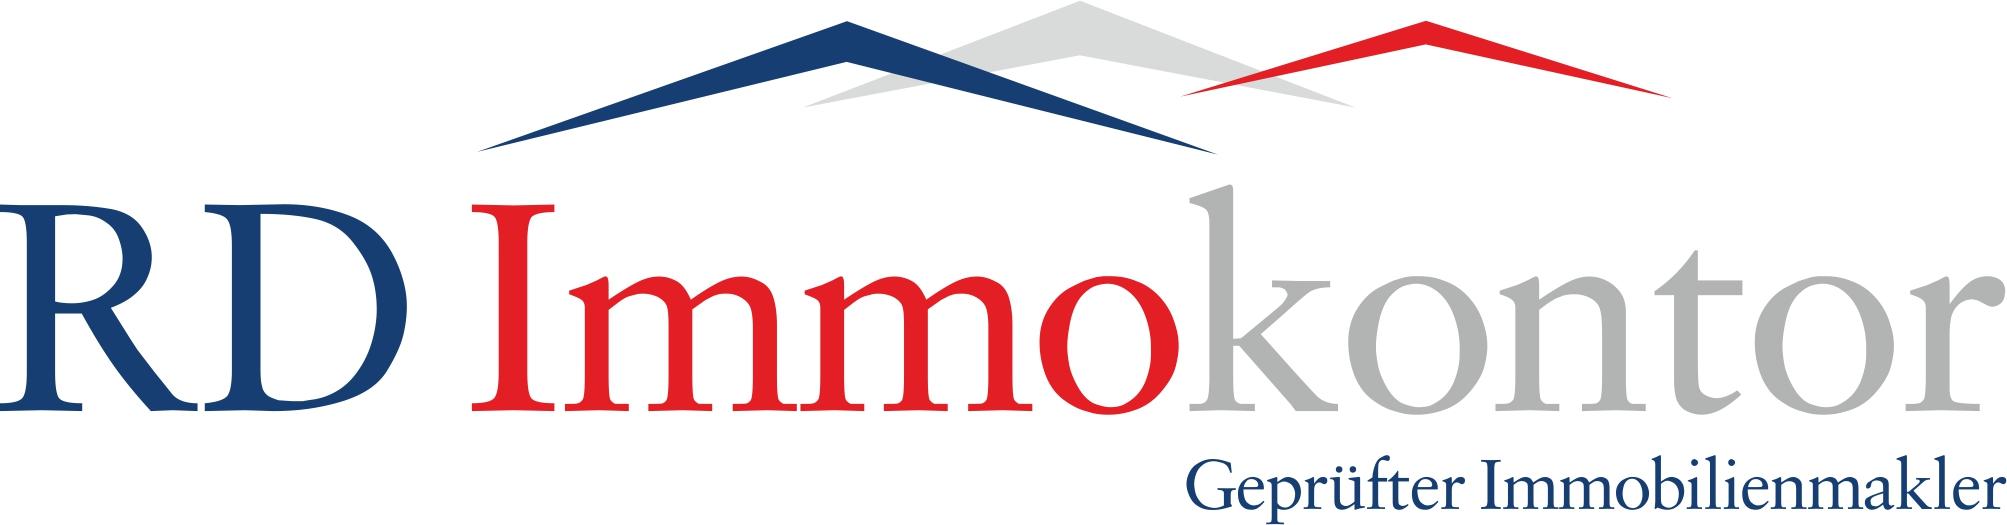 Hier sehen Sie das Logo von RD Immokontor GmbH